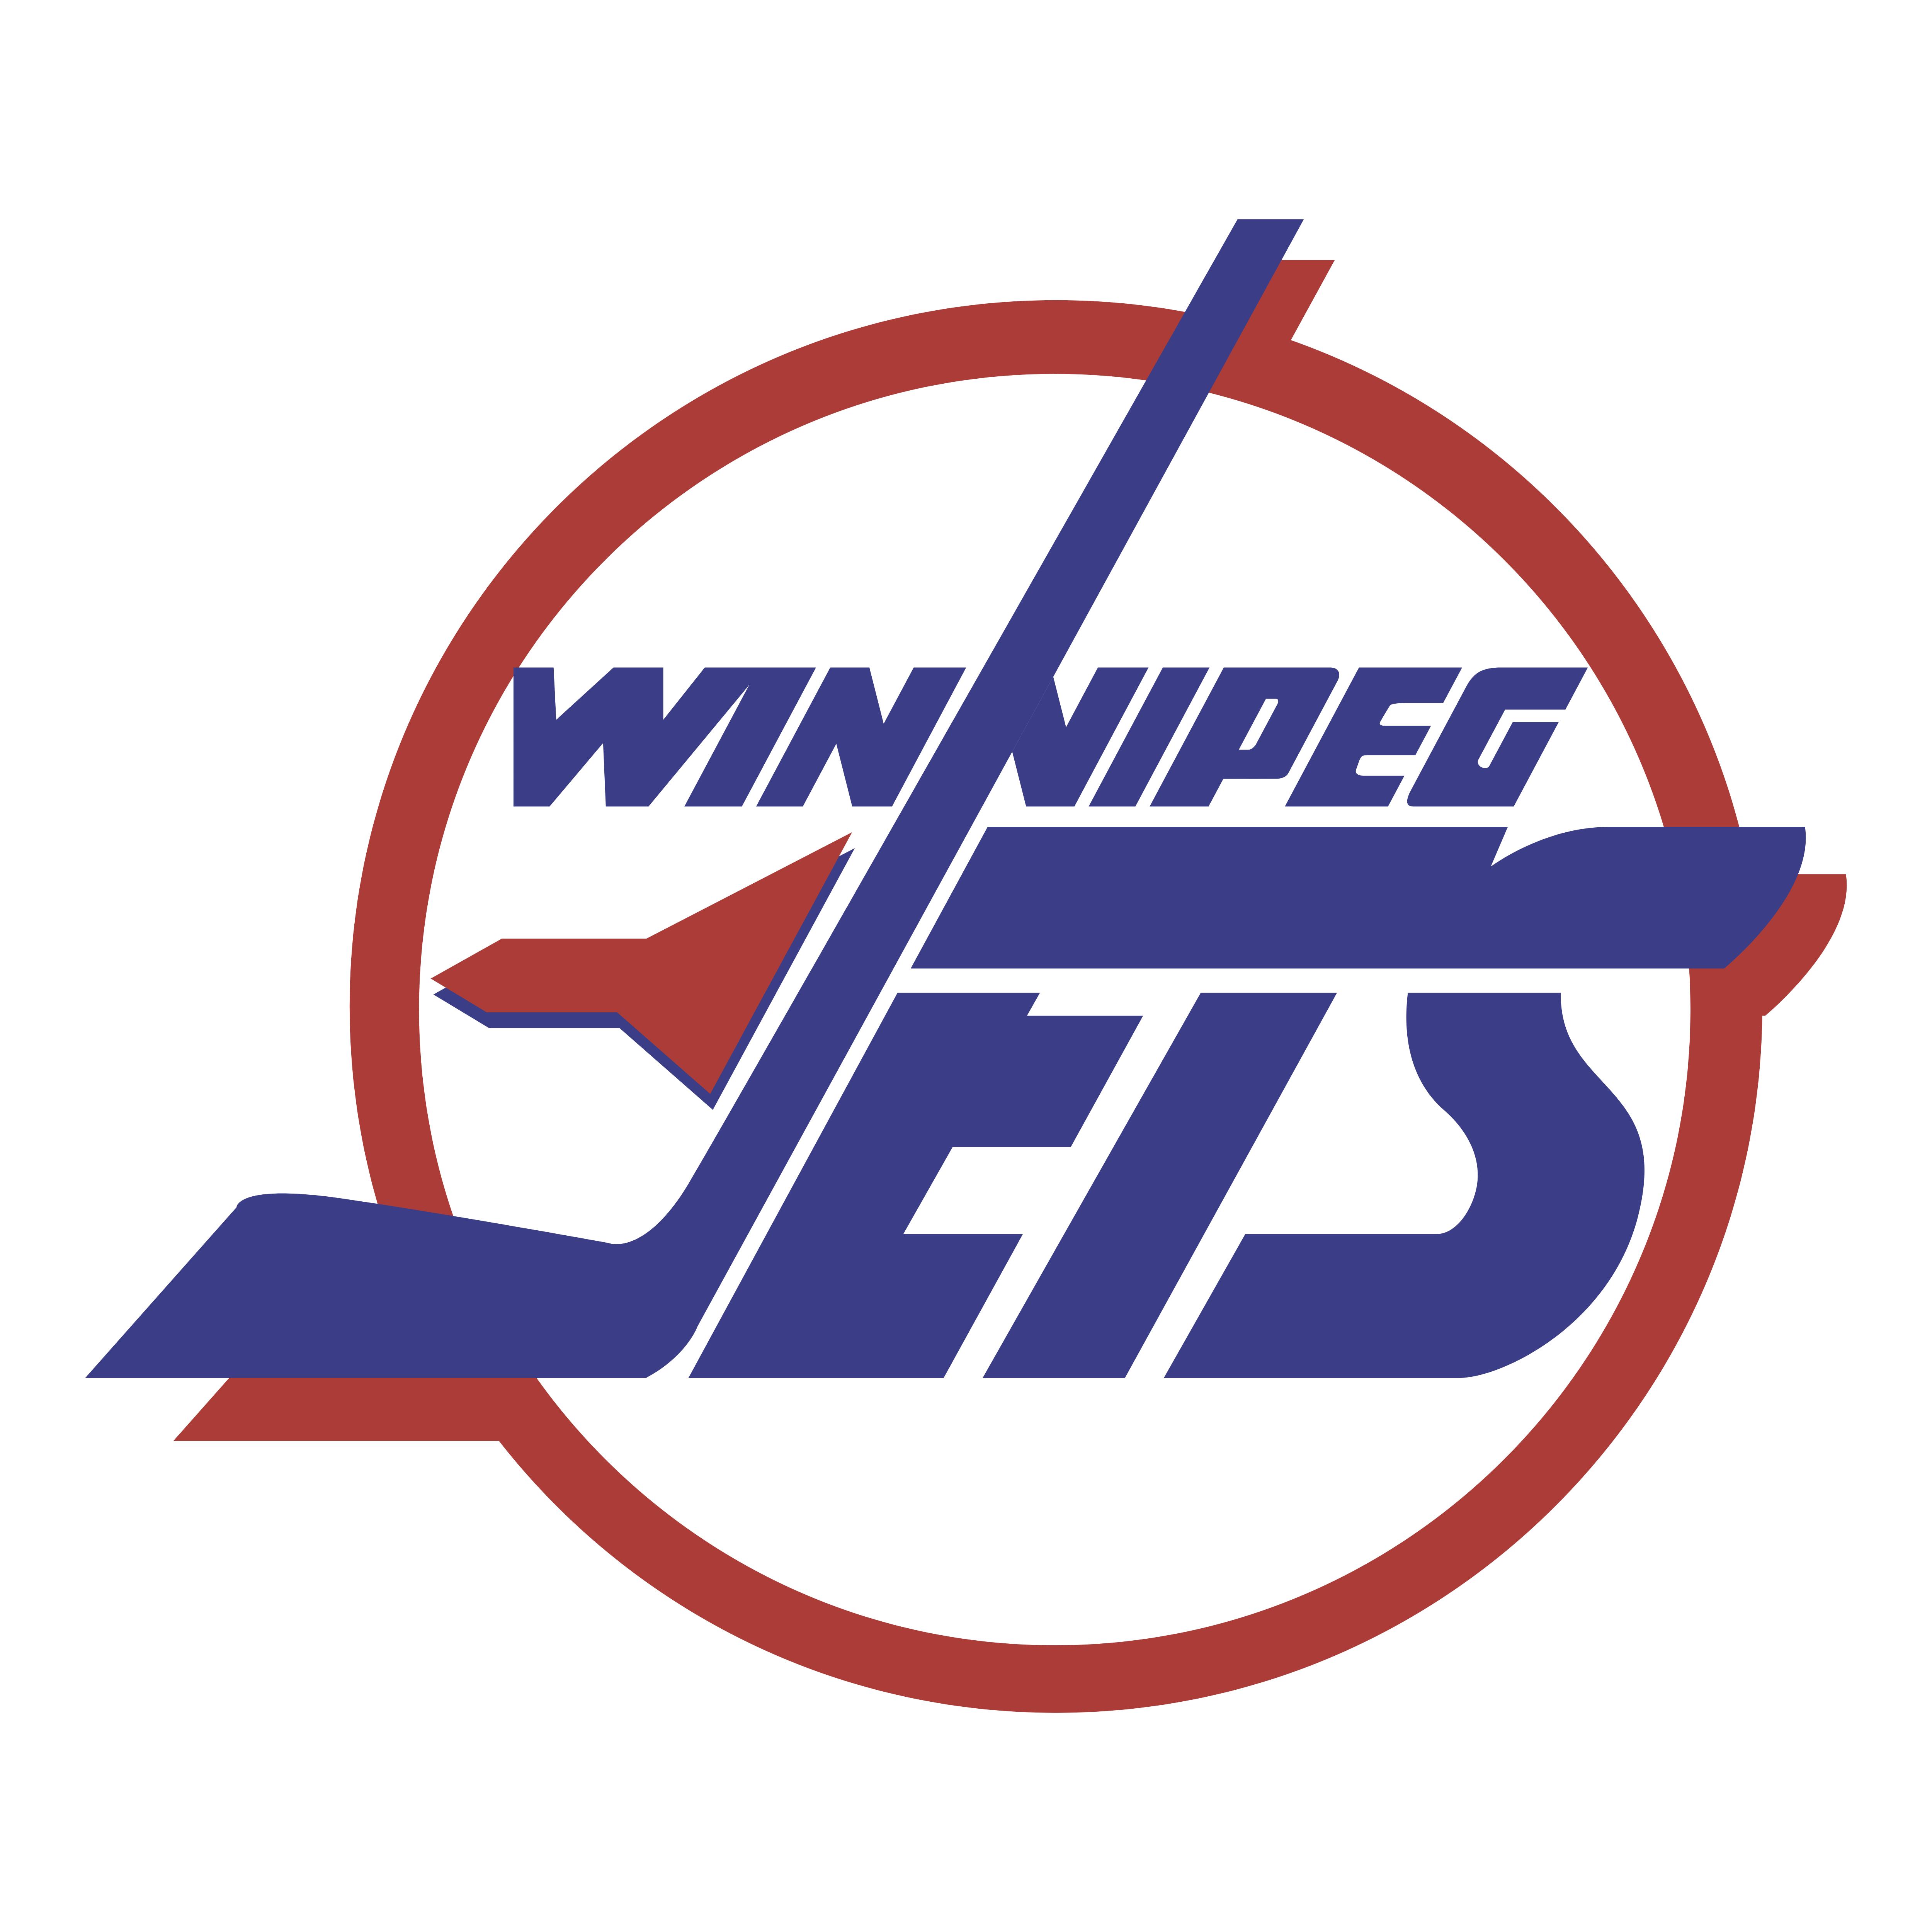 Winnipeg Jets Logos Download